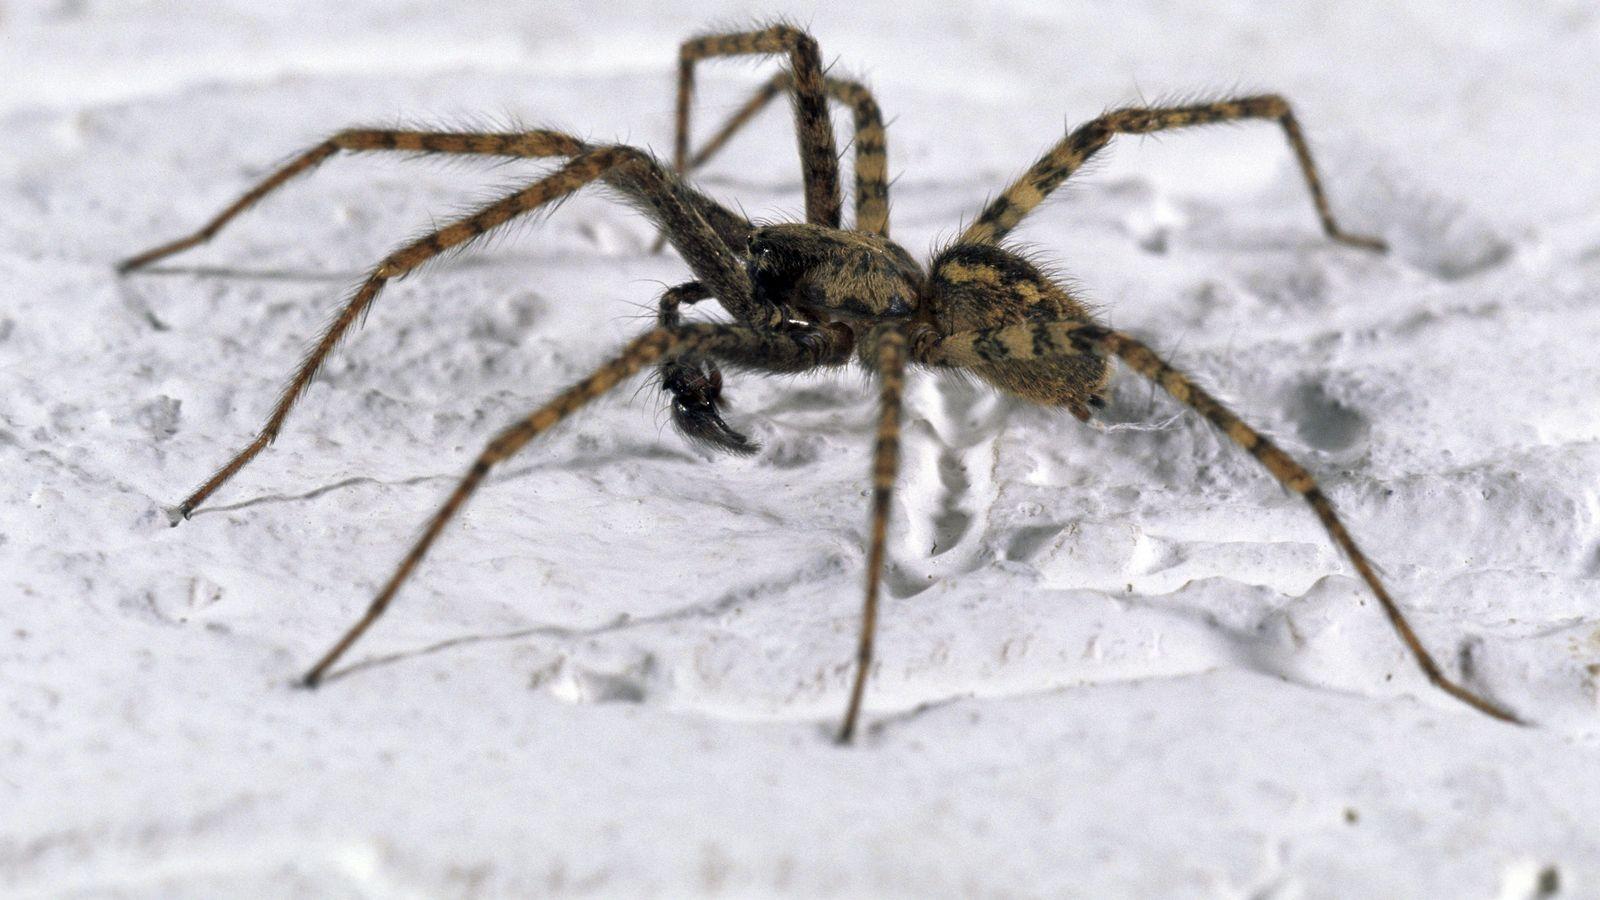 Bitte nicht töten! Spinnen kommen jetzt ins Haus